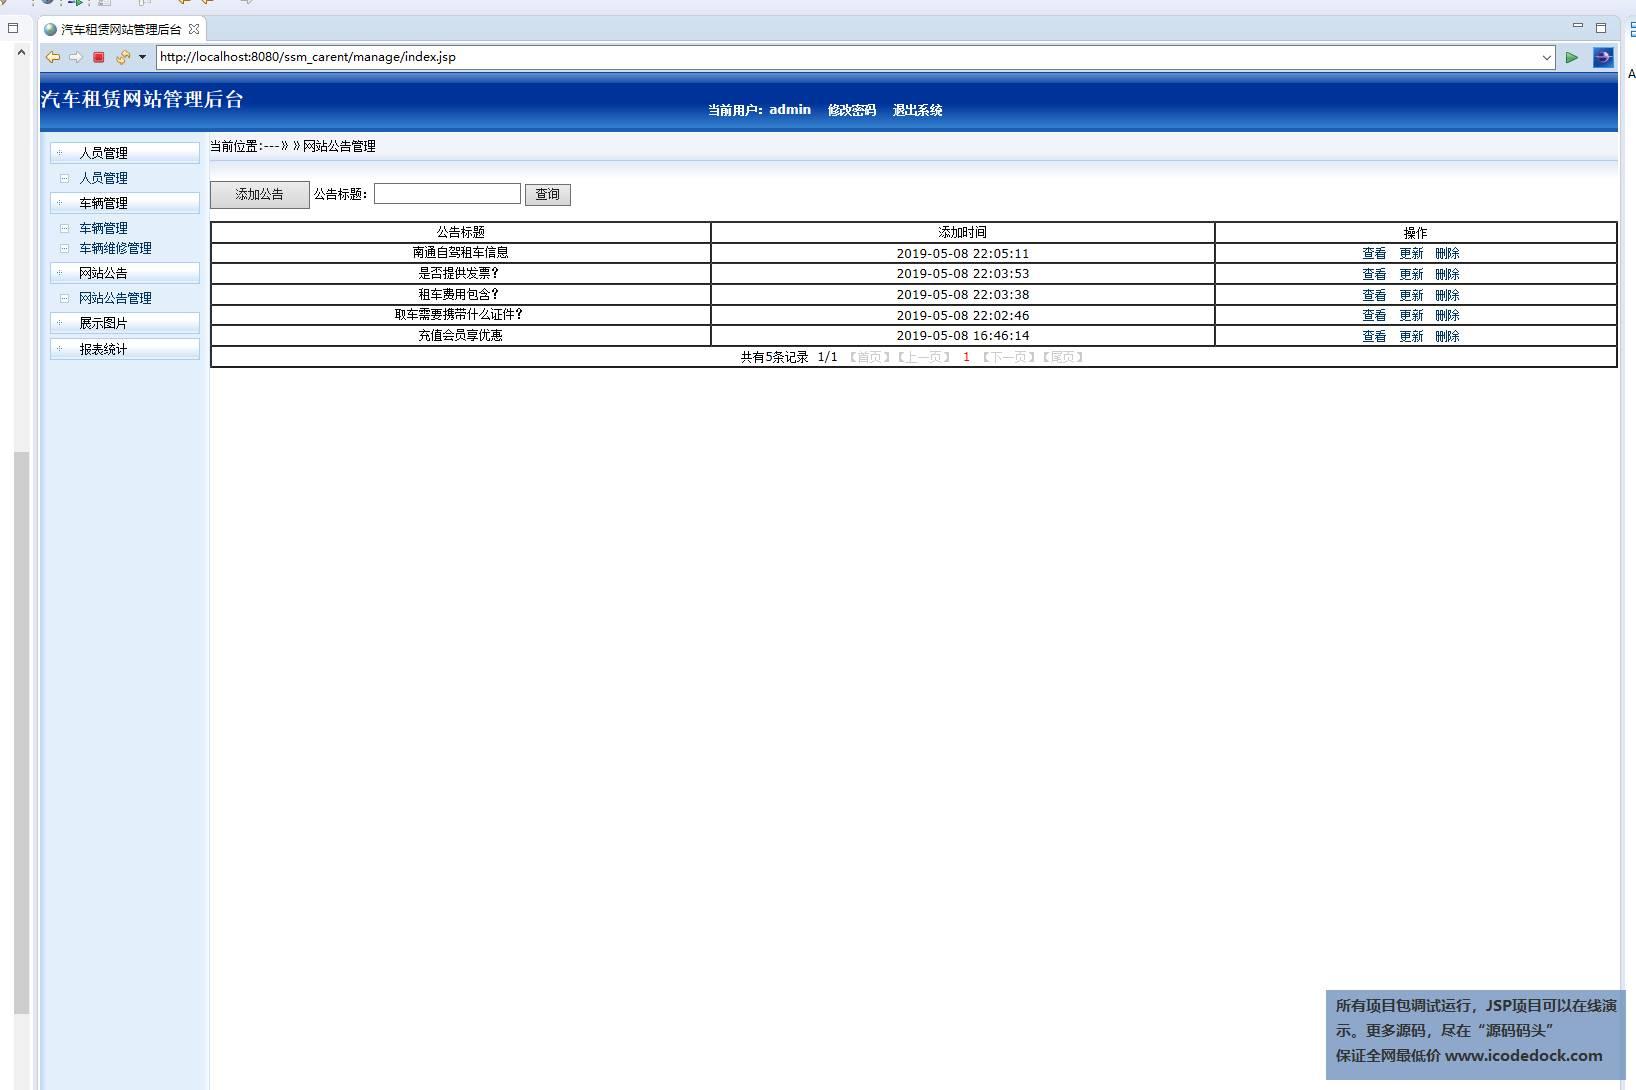 源码码头-SSM汽车出租管理系统-管理员角色-公告管理